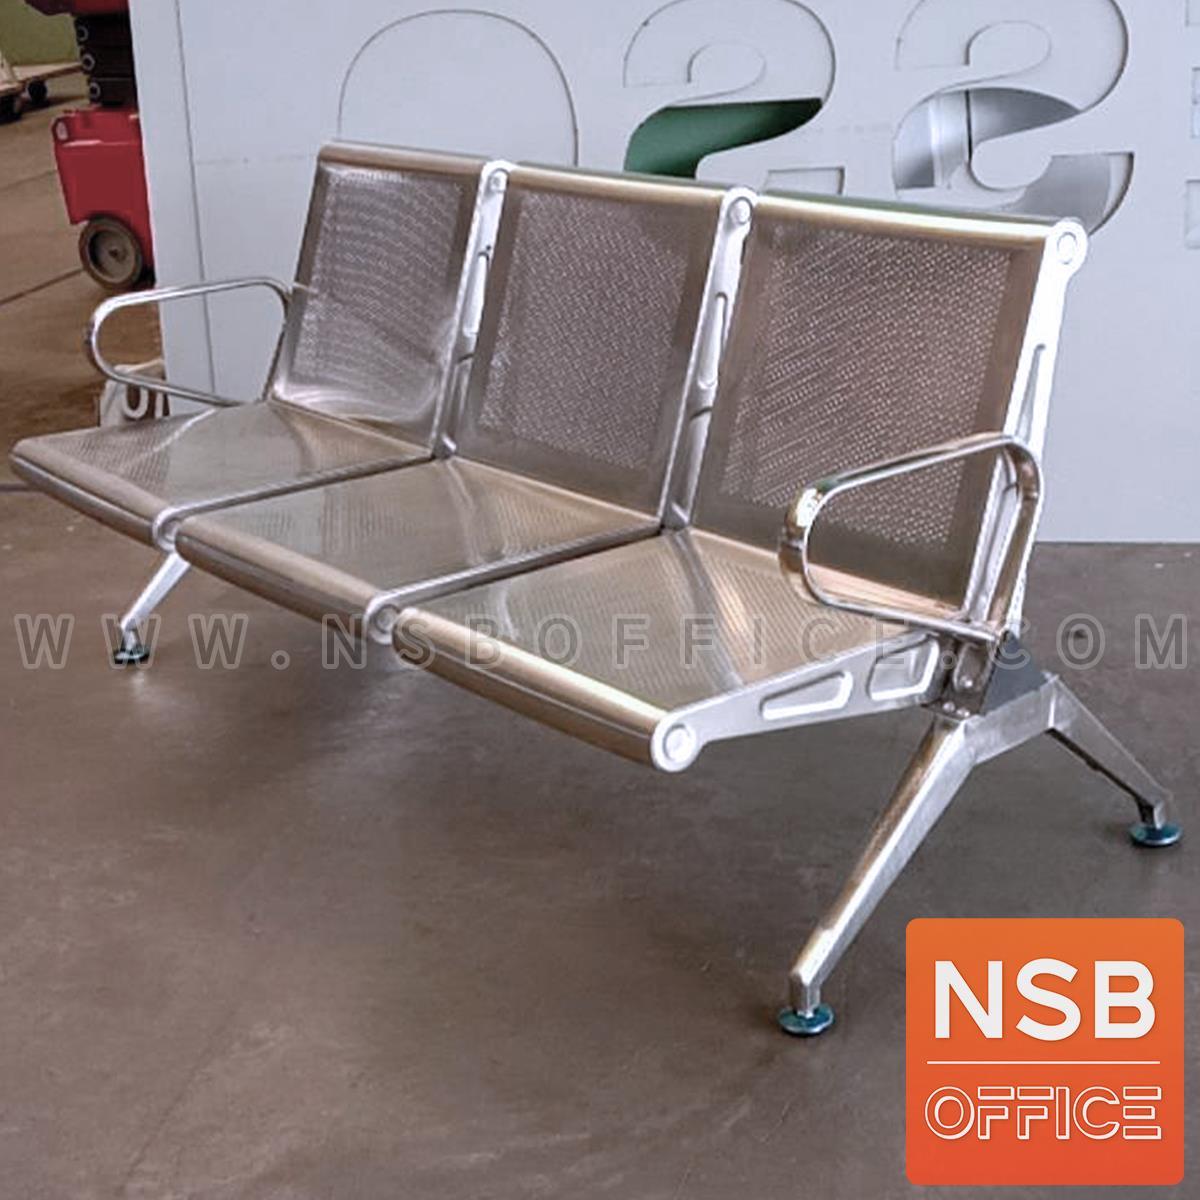 B06A142:เก้าอี้นั่งคอยสเตนเลส 3 ที่นั่ง รุ่น Humingbird (ฮัมมิงเบิร์ด) ขนาด 175W cm.